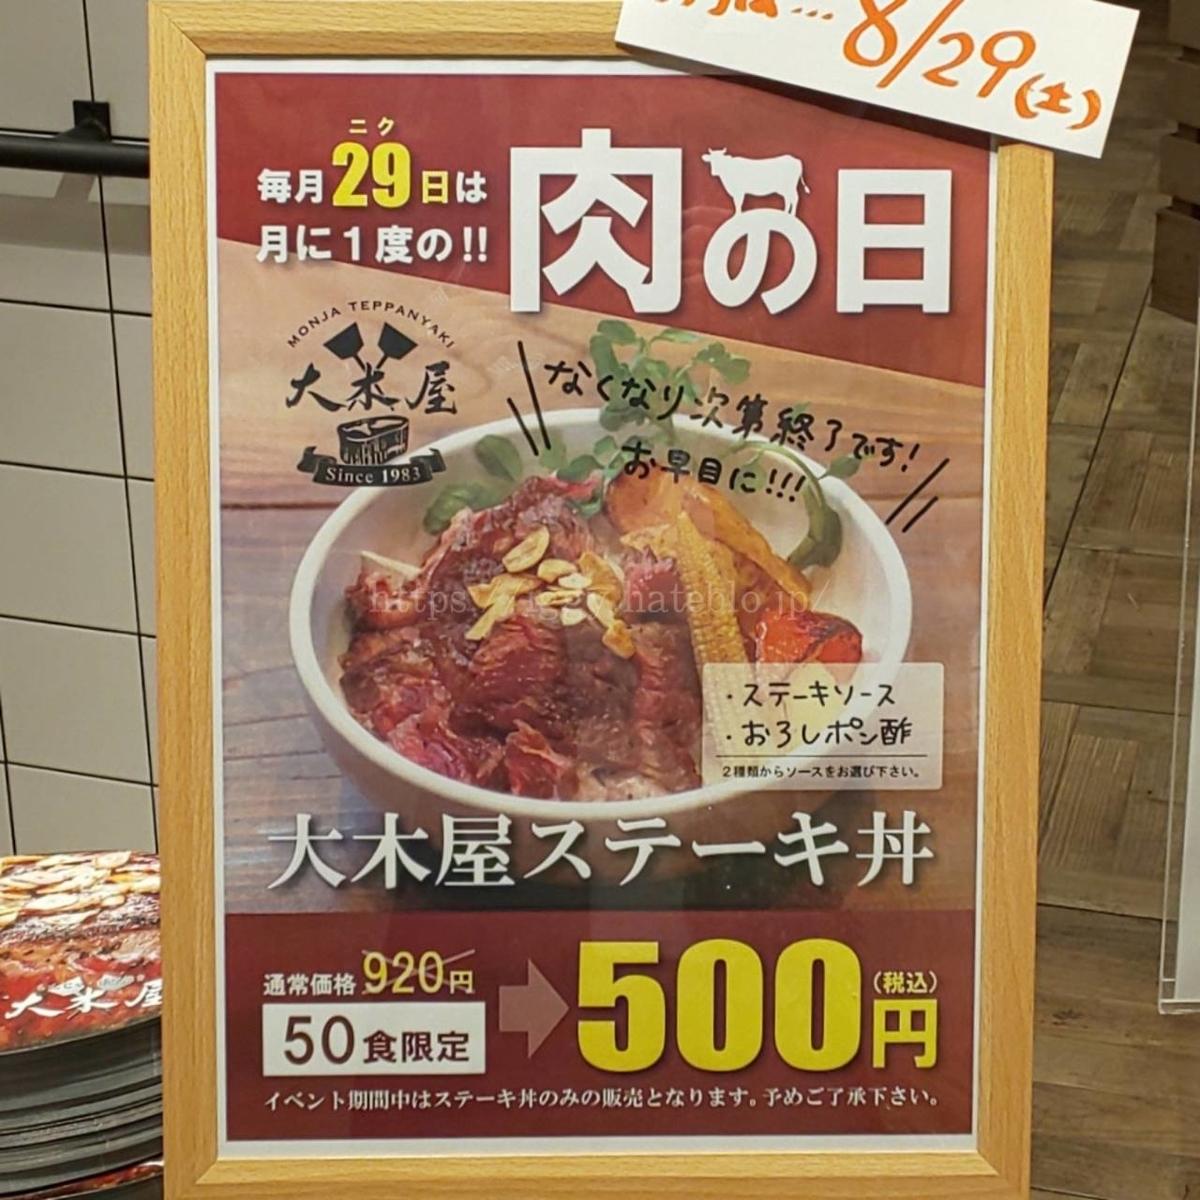 『大木屋』福岡パルコ店 毎月29日 肉の日「ステーキ丼」500円 LIFE